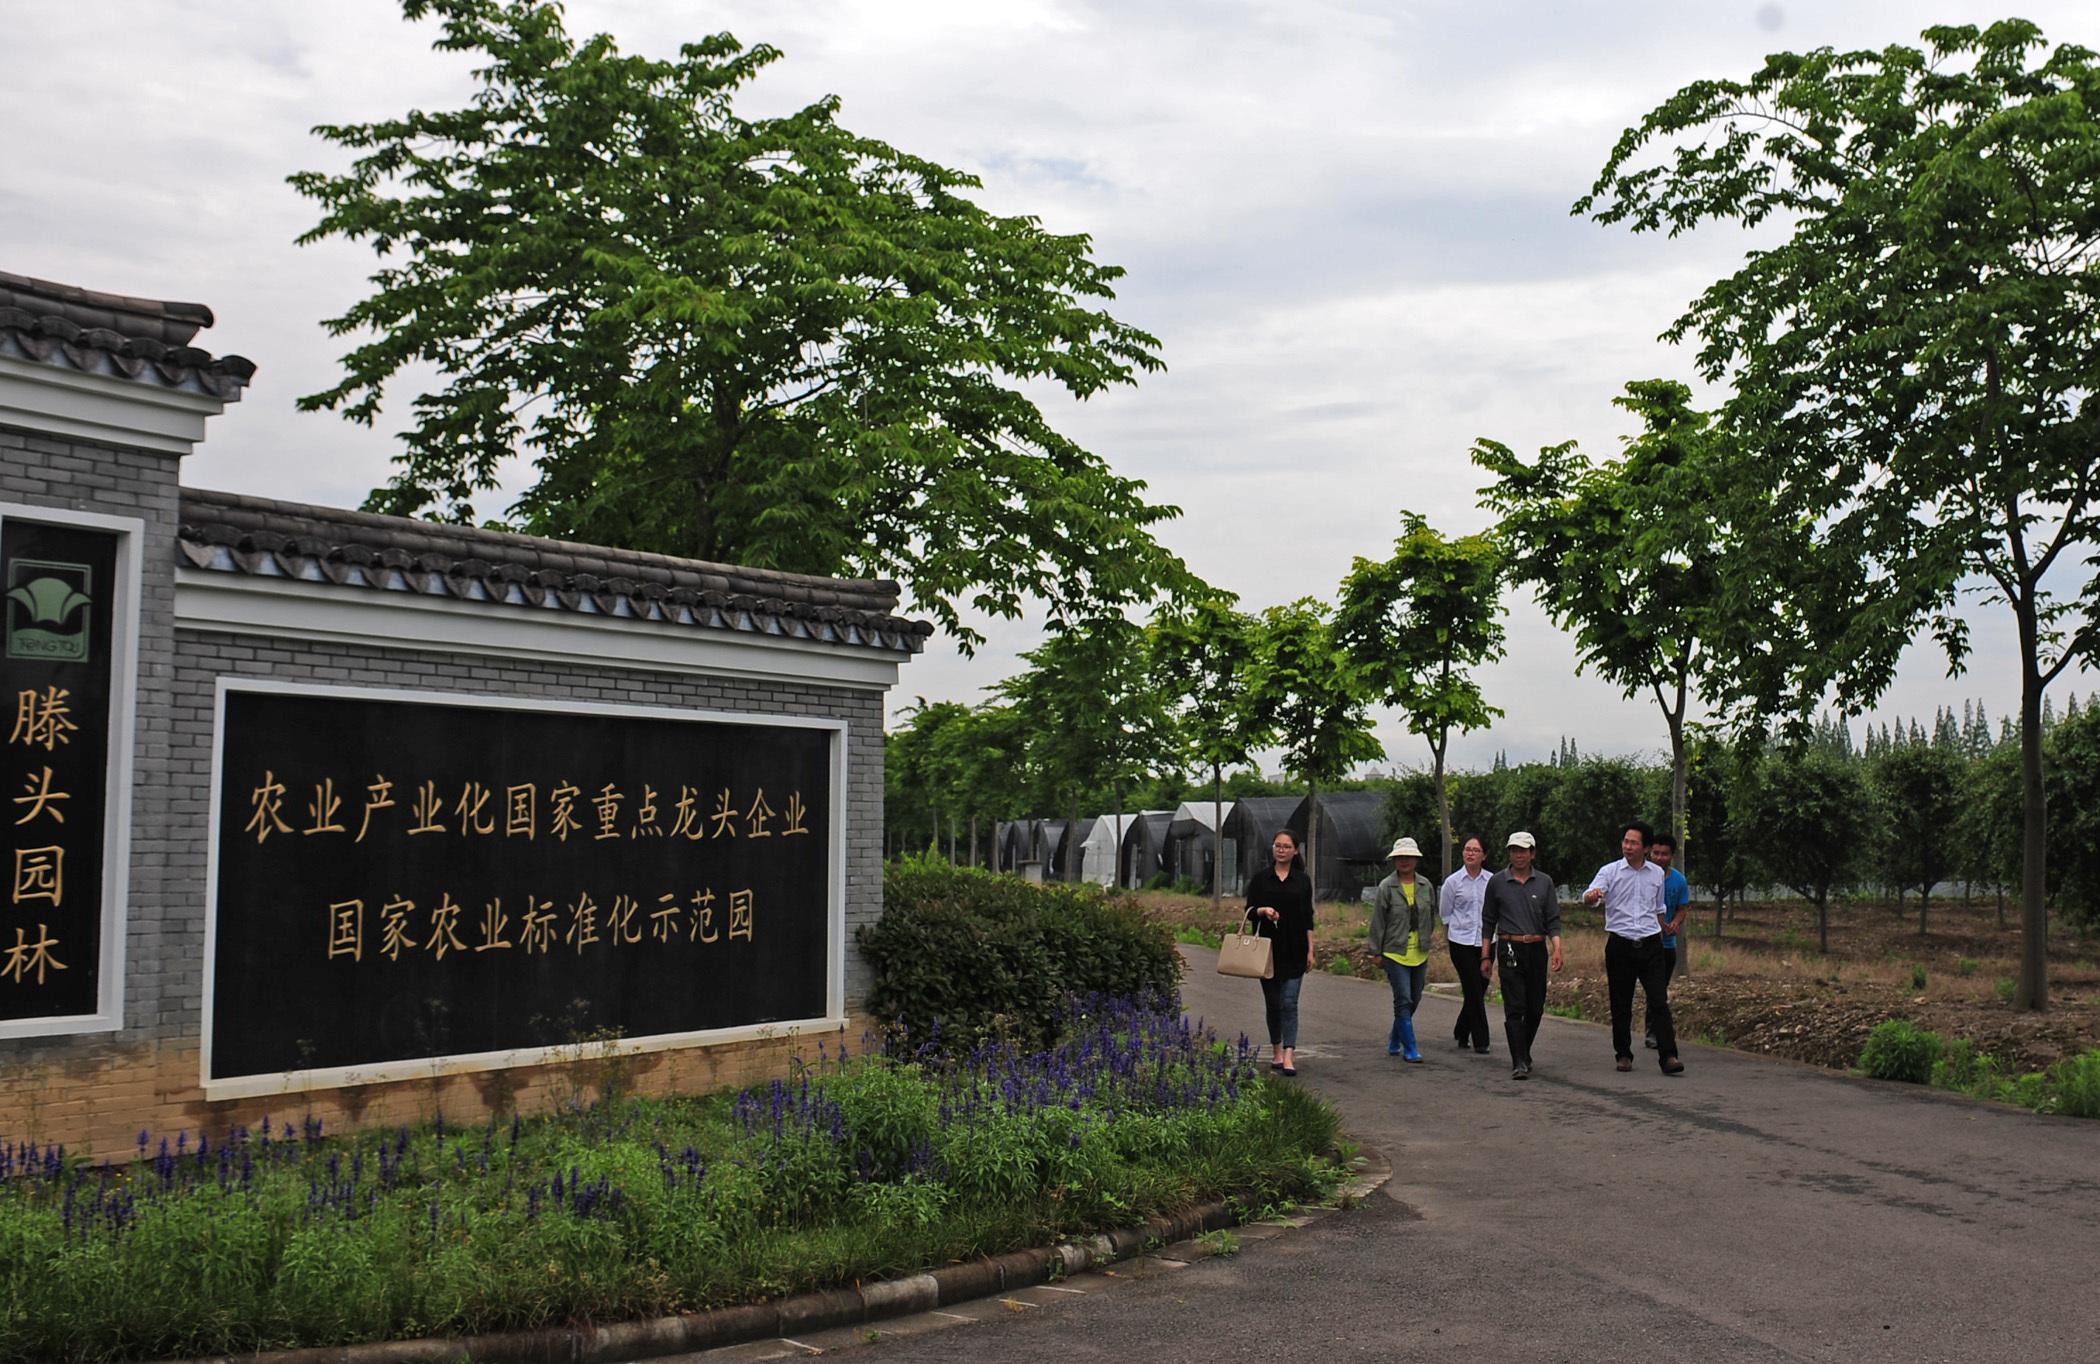 图为农行客户经理走访奉化滕头村园林龙头10bet十博官网登录平台。